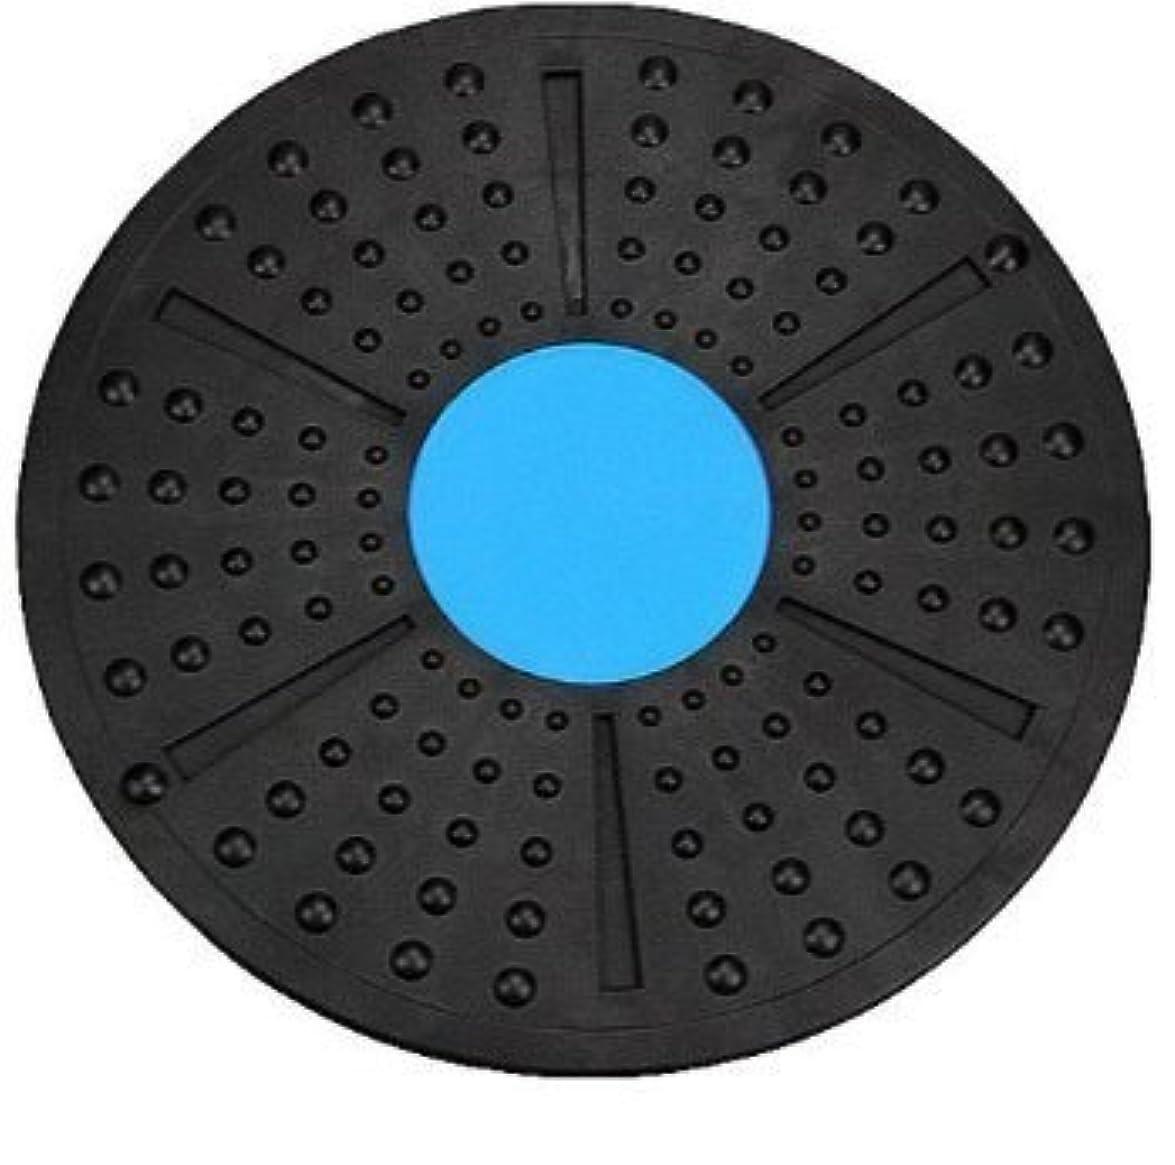 ハシー心のこもった興味体幹トレーニング ダイエット エクササイズ メディカルサポート バランスボード 2色 これ1つで全身運動 (青×黒)